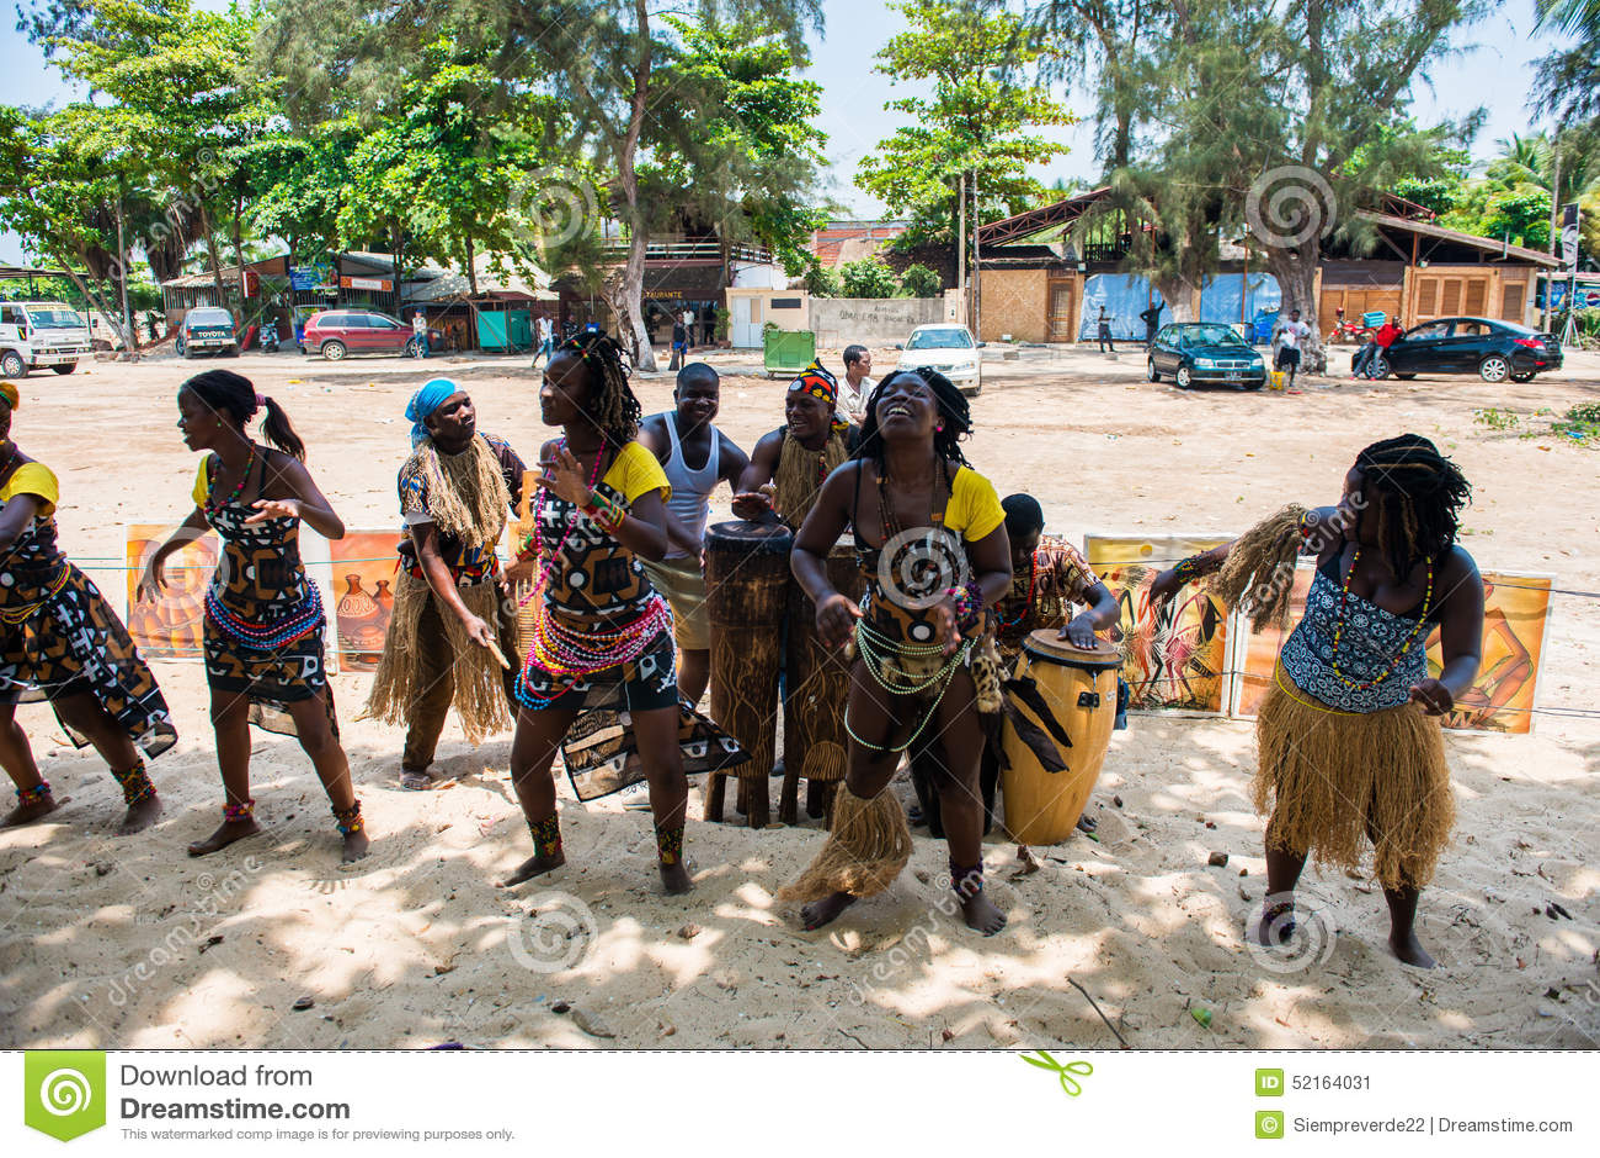 Gente en ANGOLA 2711a15eeb52